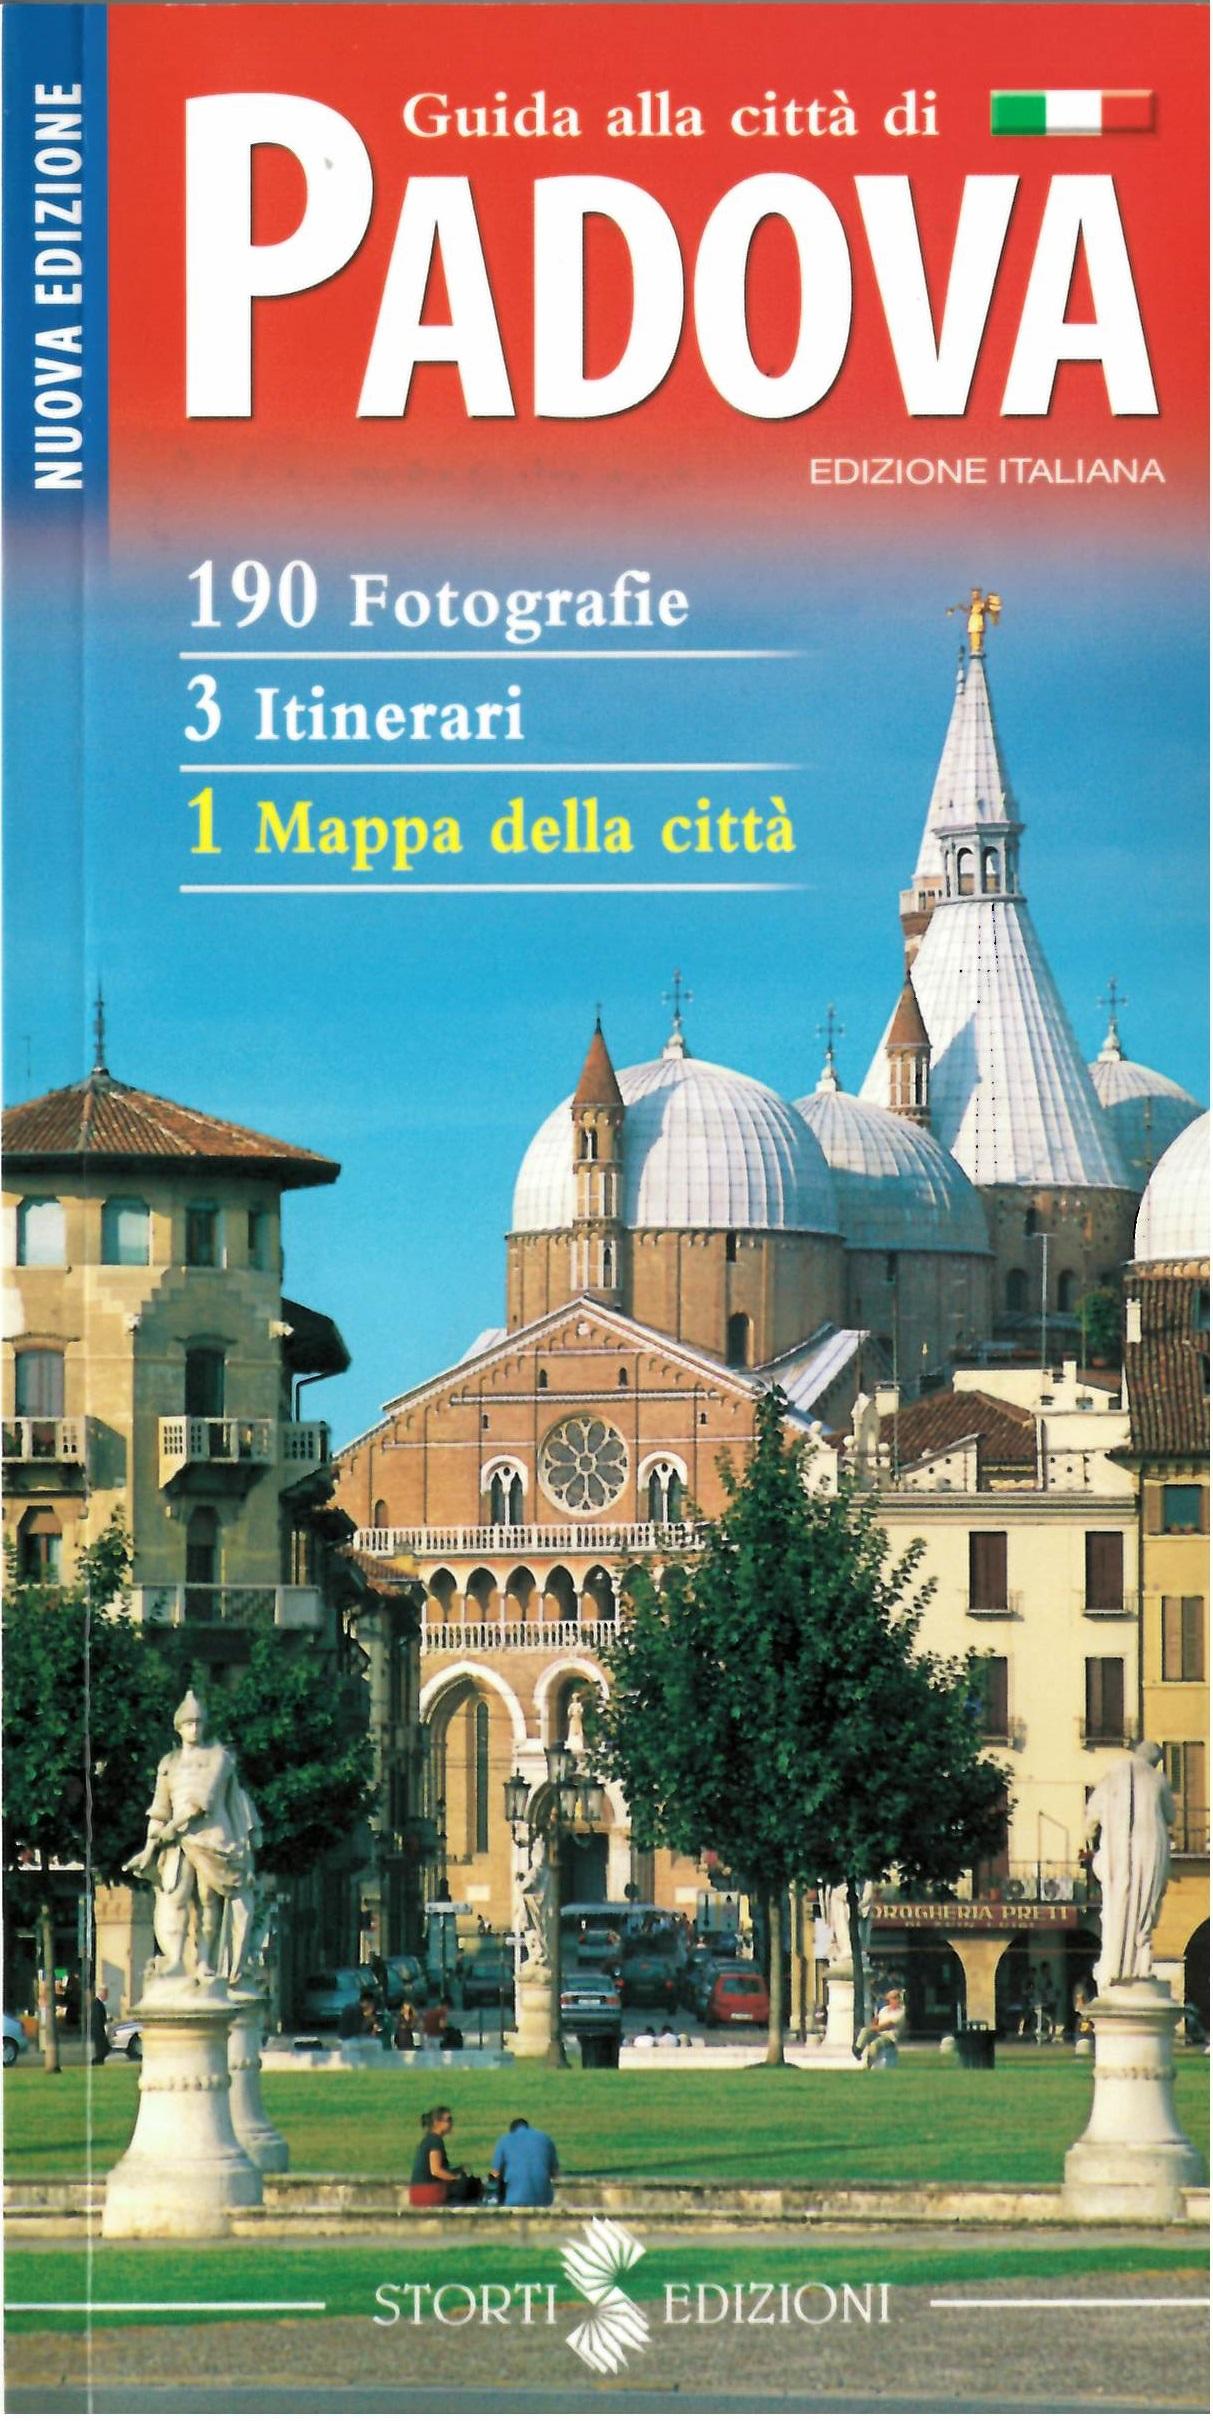 Guida alla città di Padova